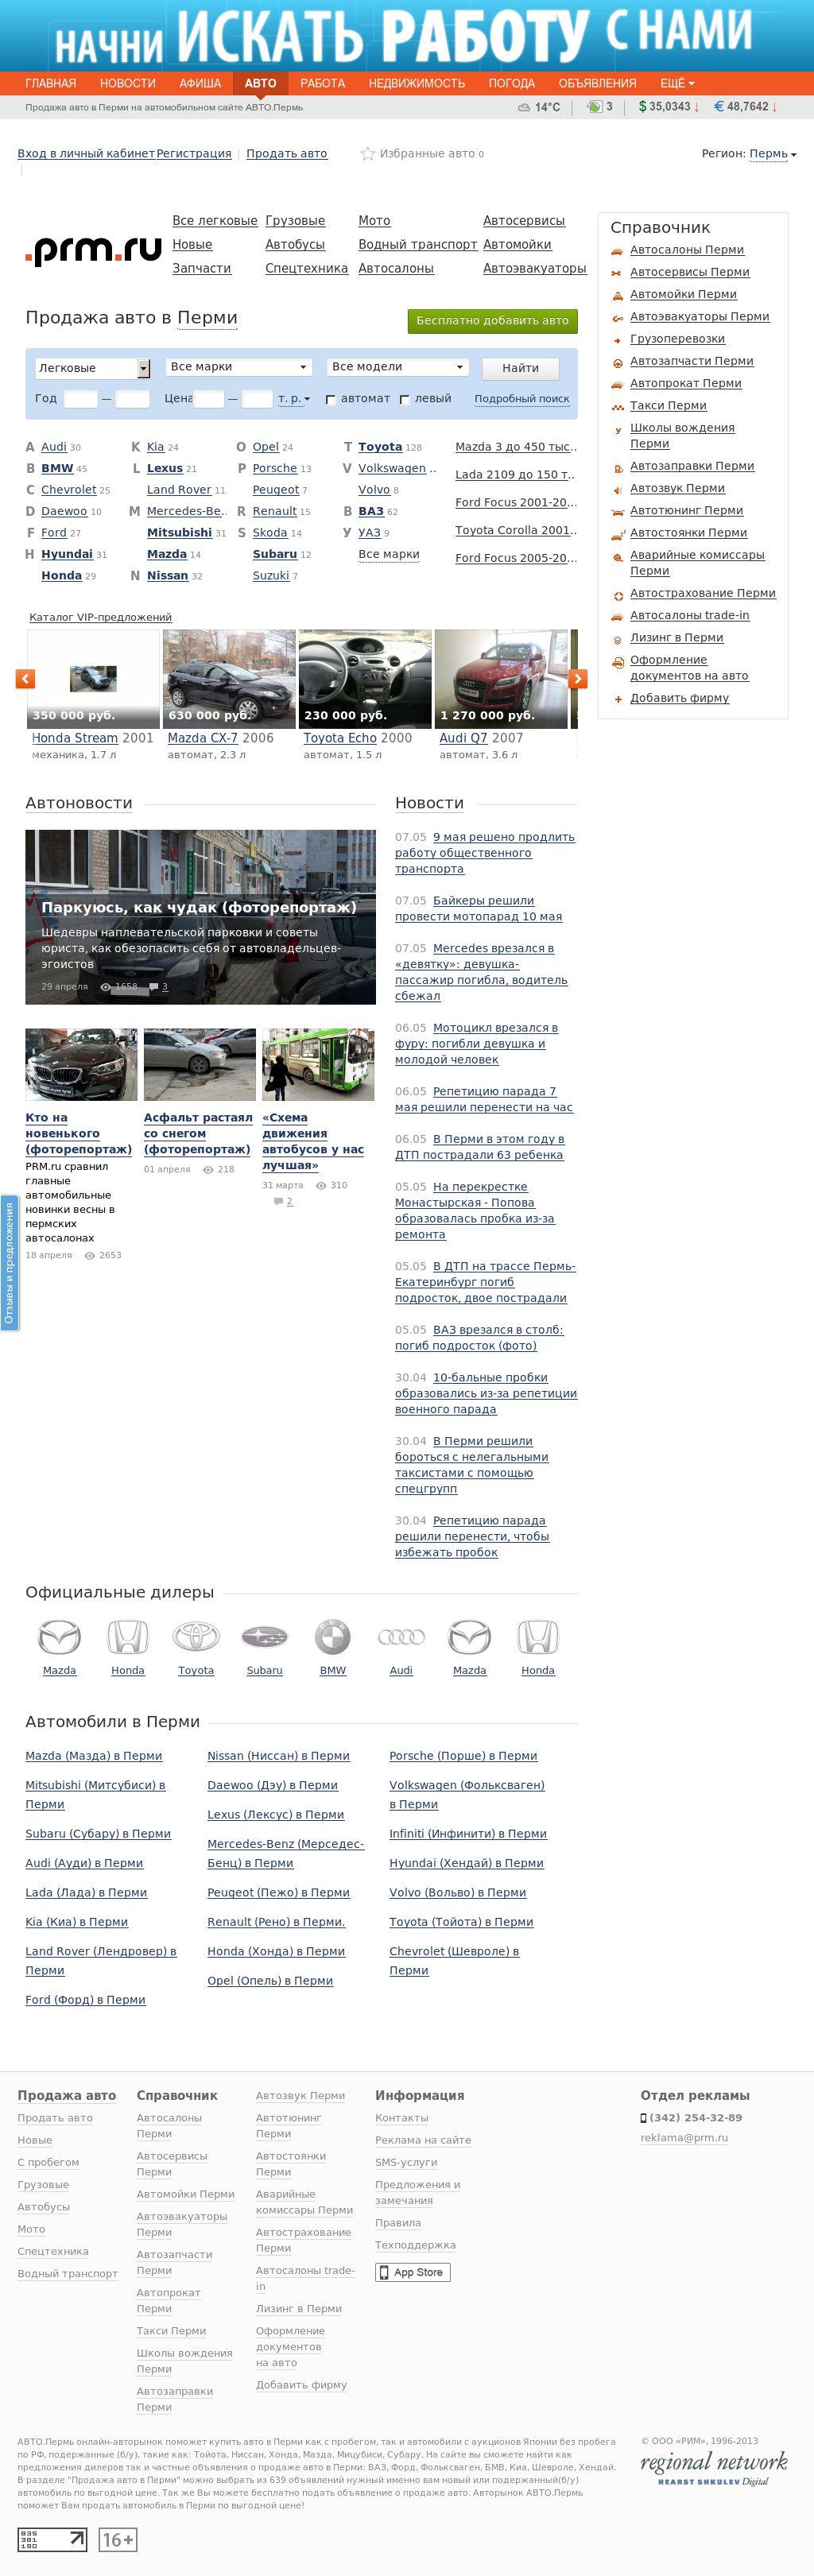 Проекты компании ЗАО «НГС»